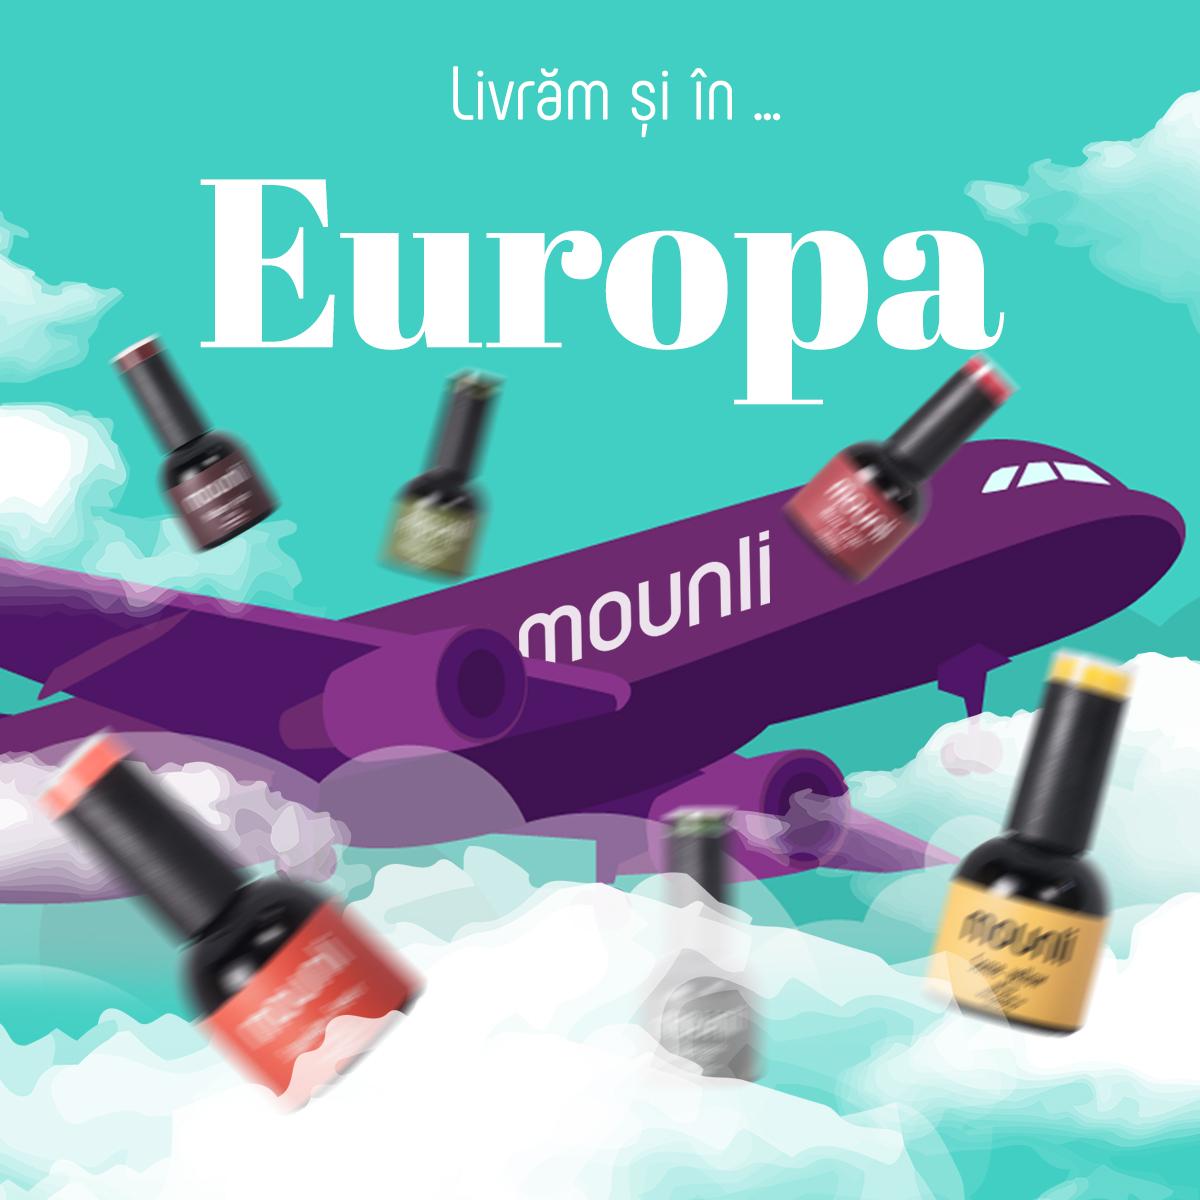 Livrare in Europa